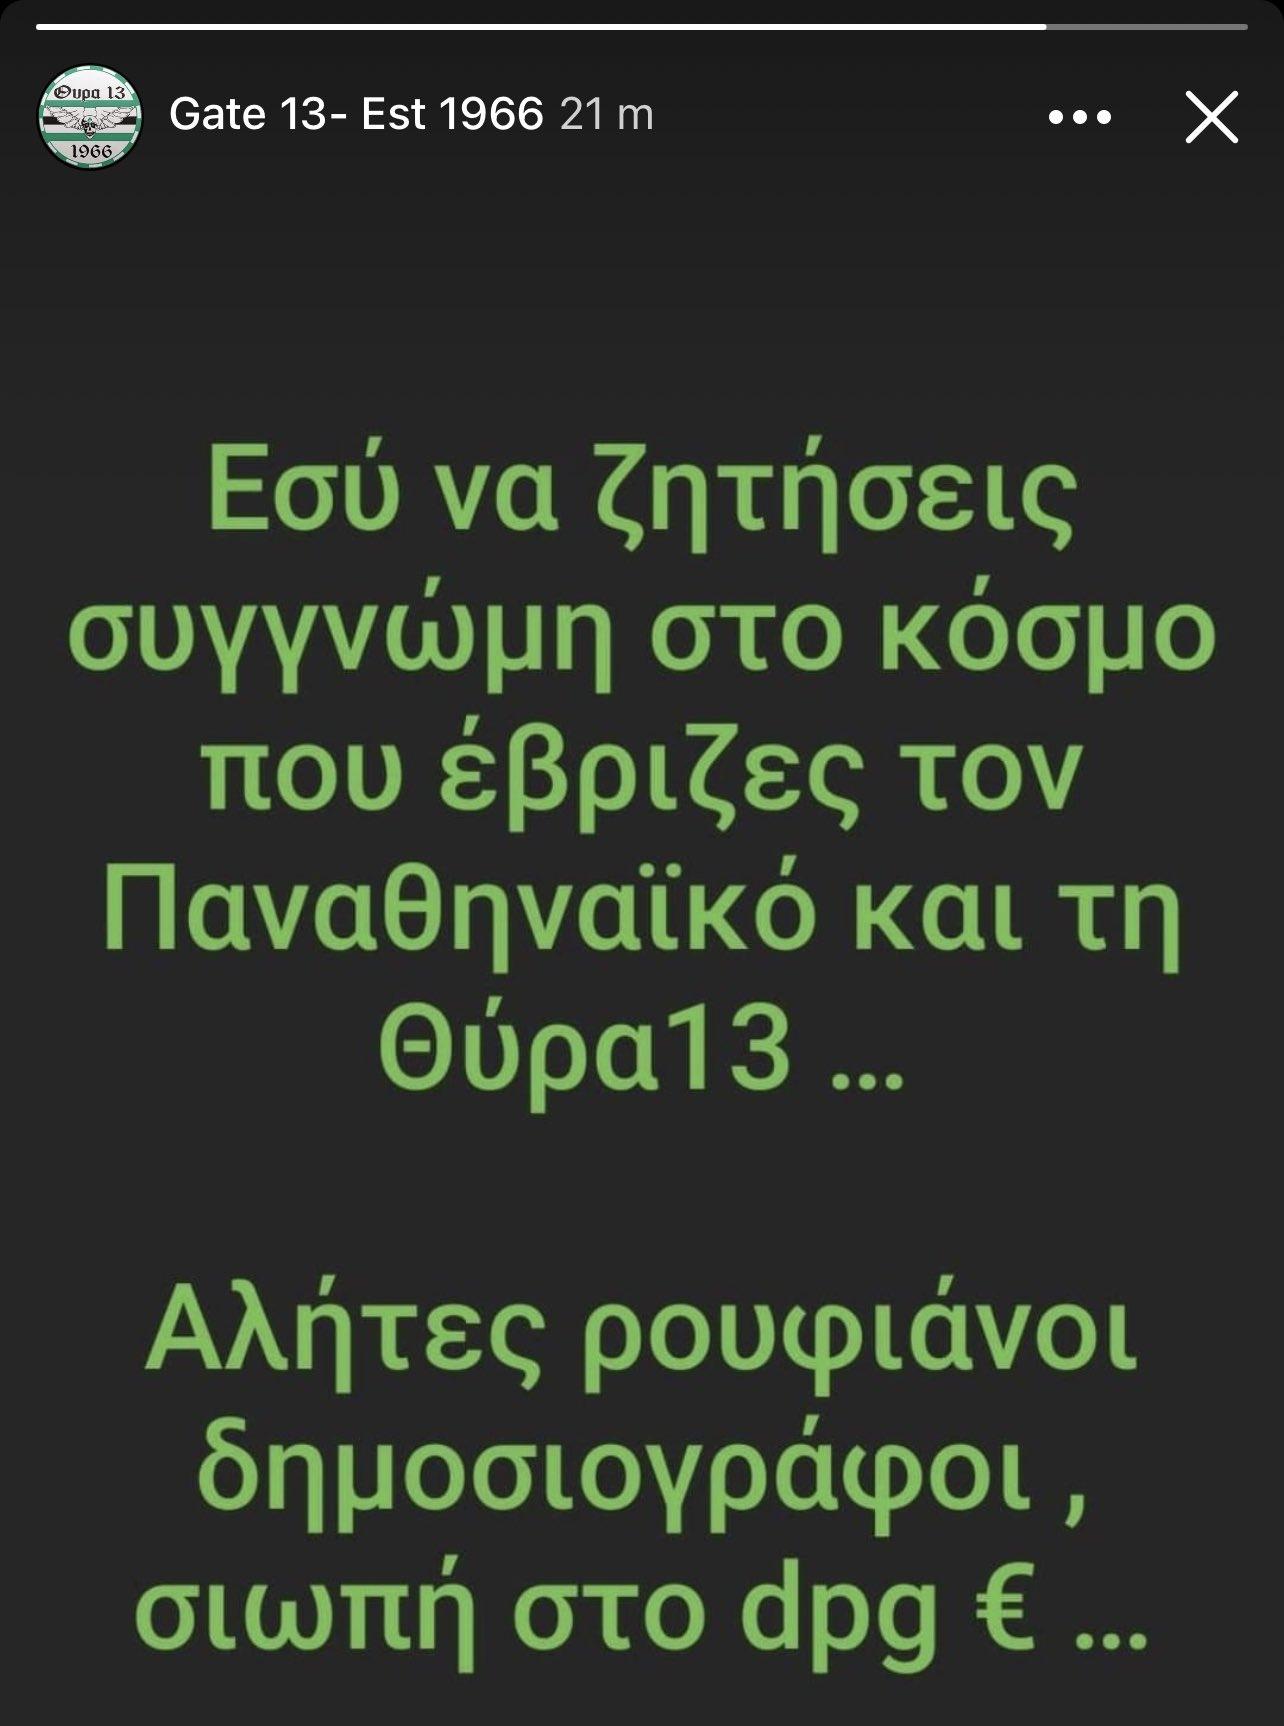 Θύρα 13 σε Γιαννακόπουλo: «Εσύ να ζητήσεις συγγνώμη»